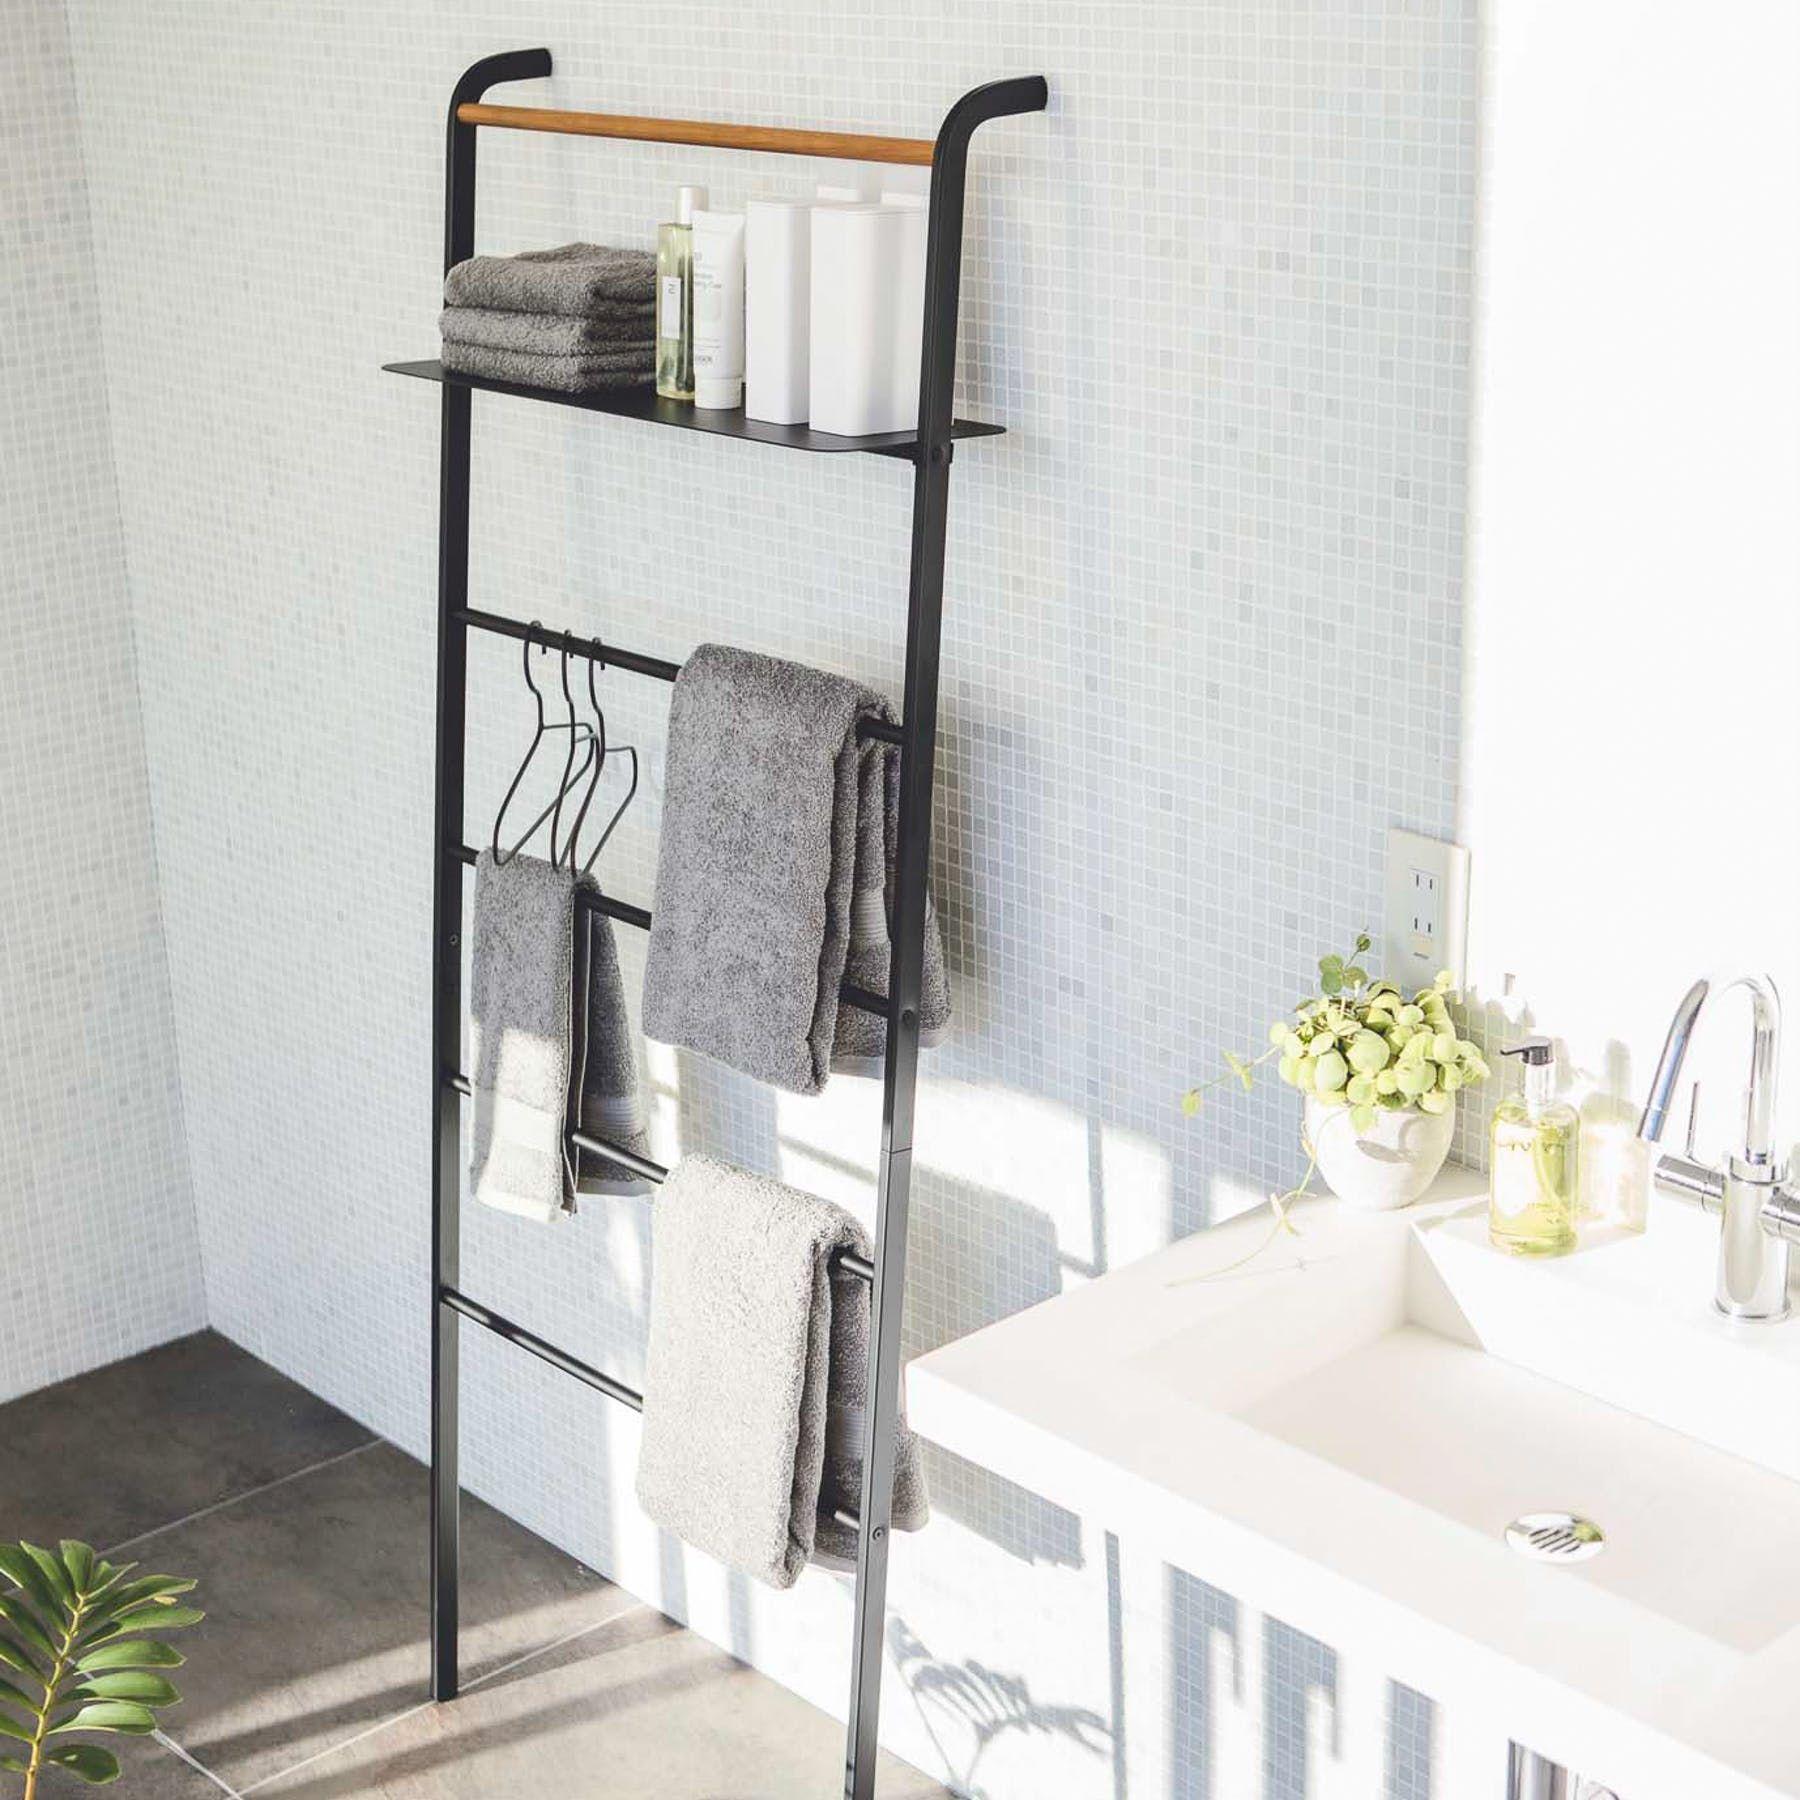 Tower Leaning Ladder With Adjustable Shelf Ladder Hanger